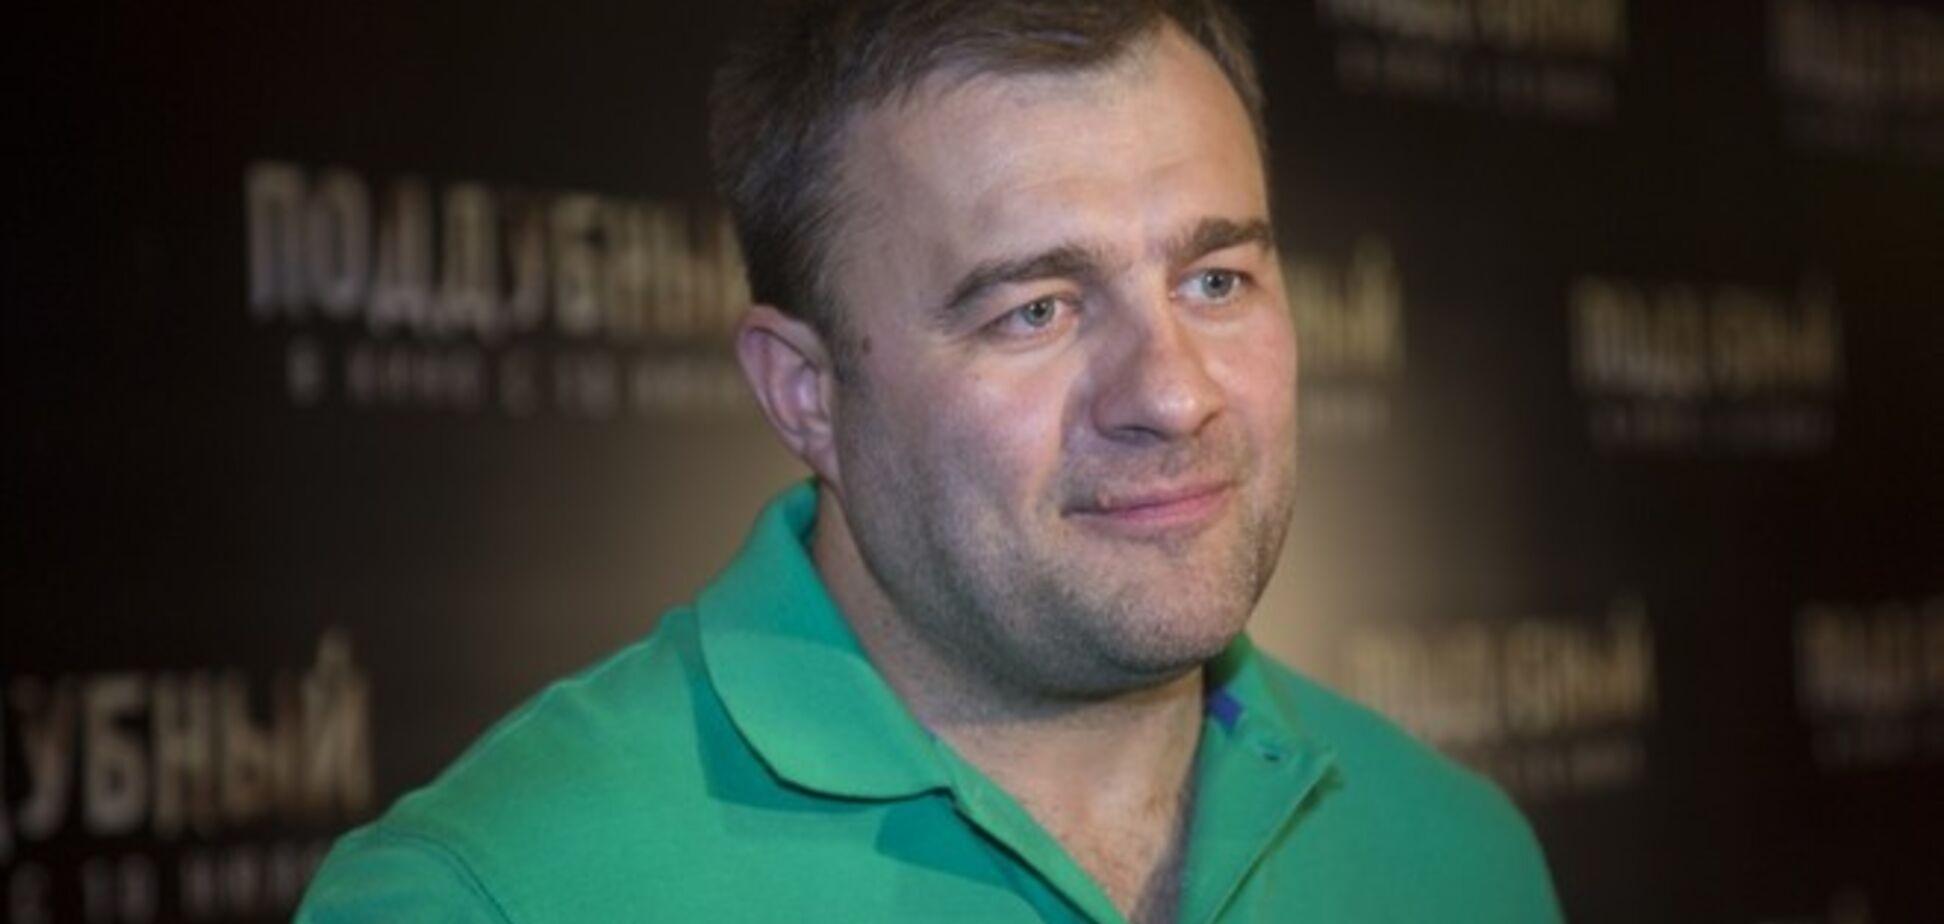 Актер Пореченков посетил 'ДНР', чтобы убедиться в соблюдении перемирия